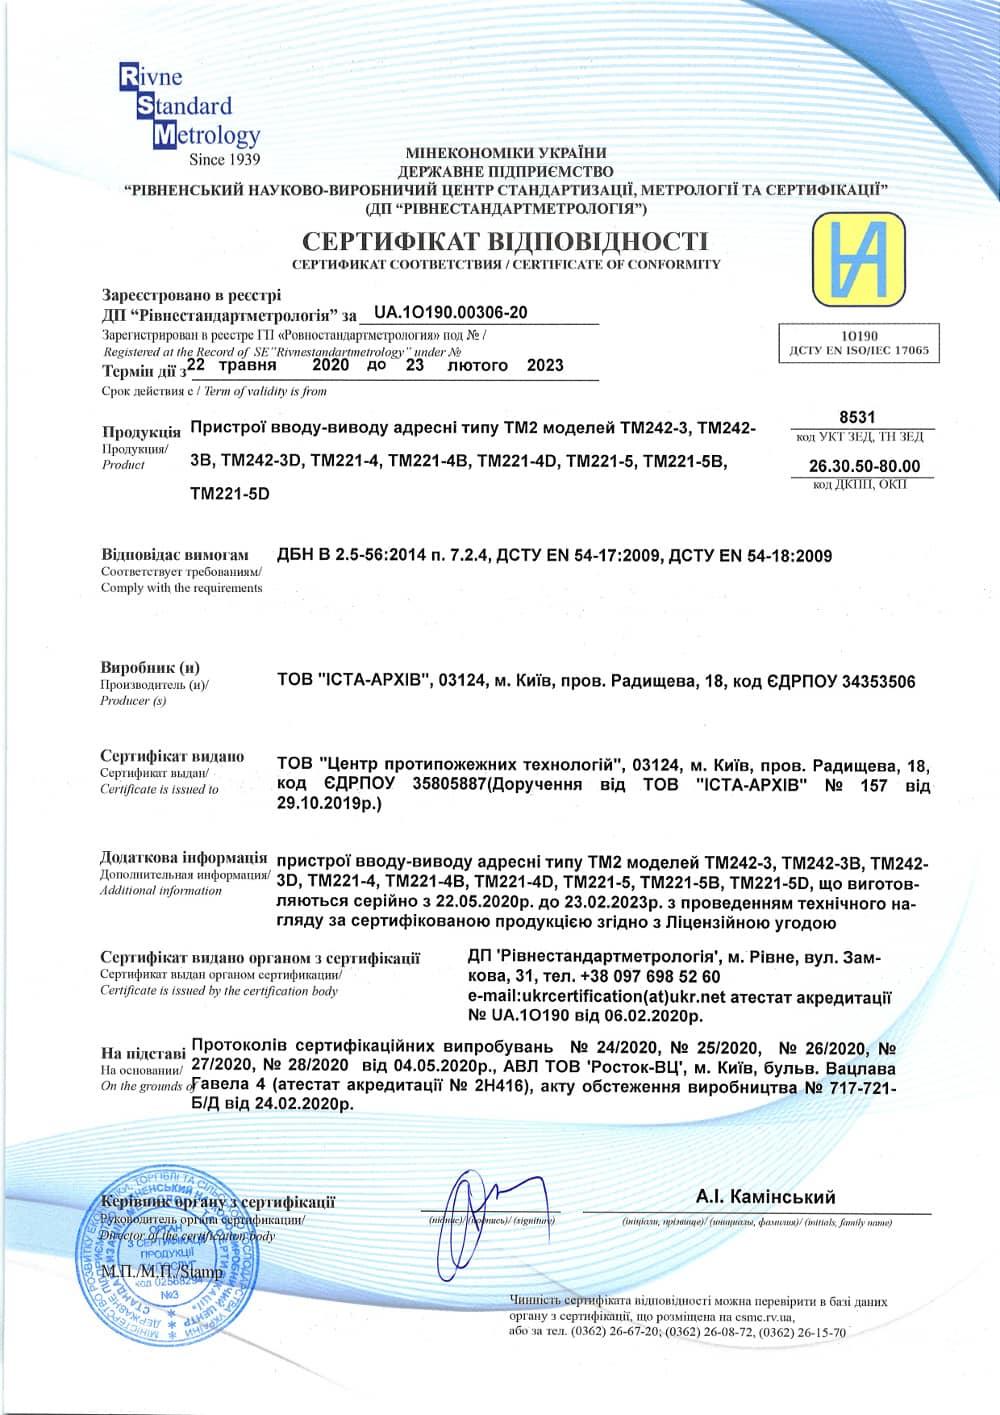 Сертифікат на пристрої вв TM242-3, TM221-4, TM221-5